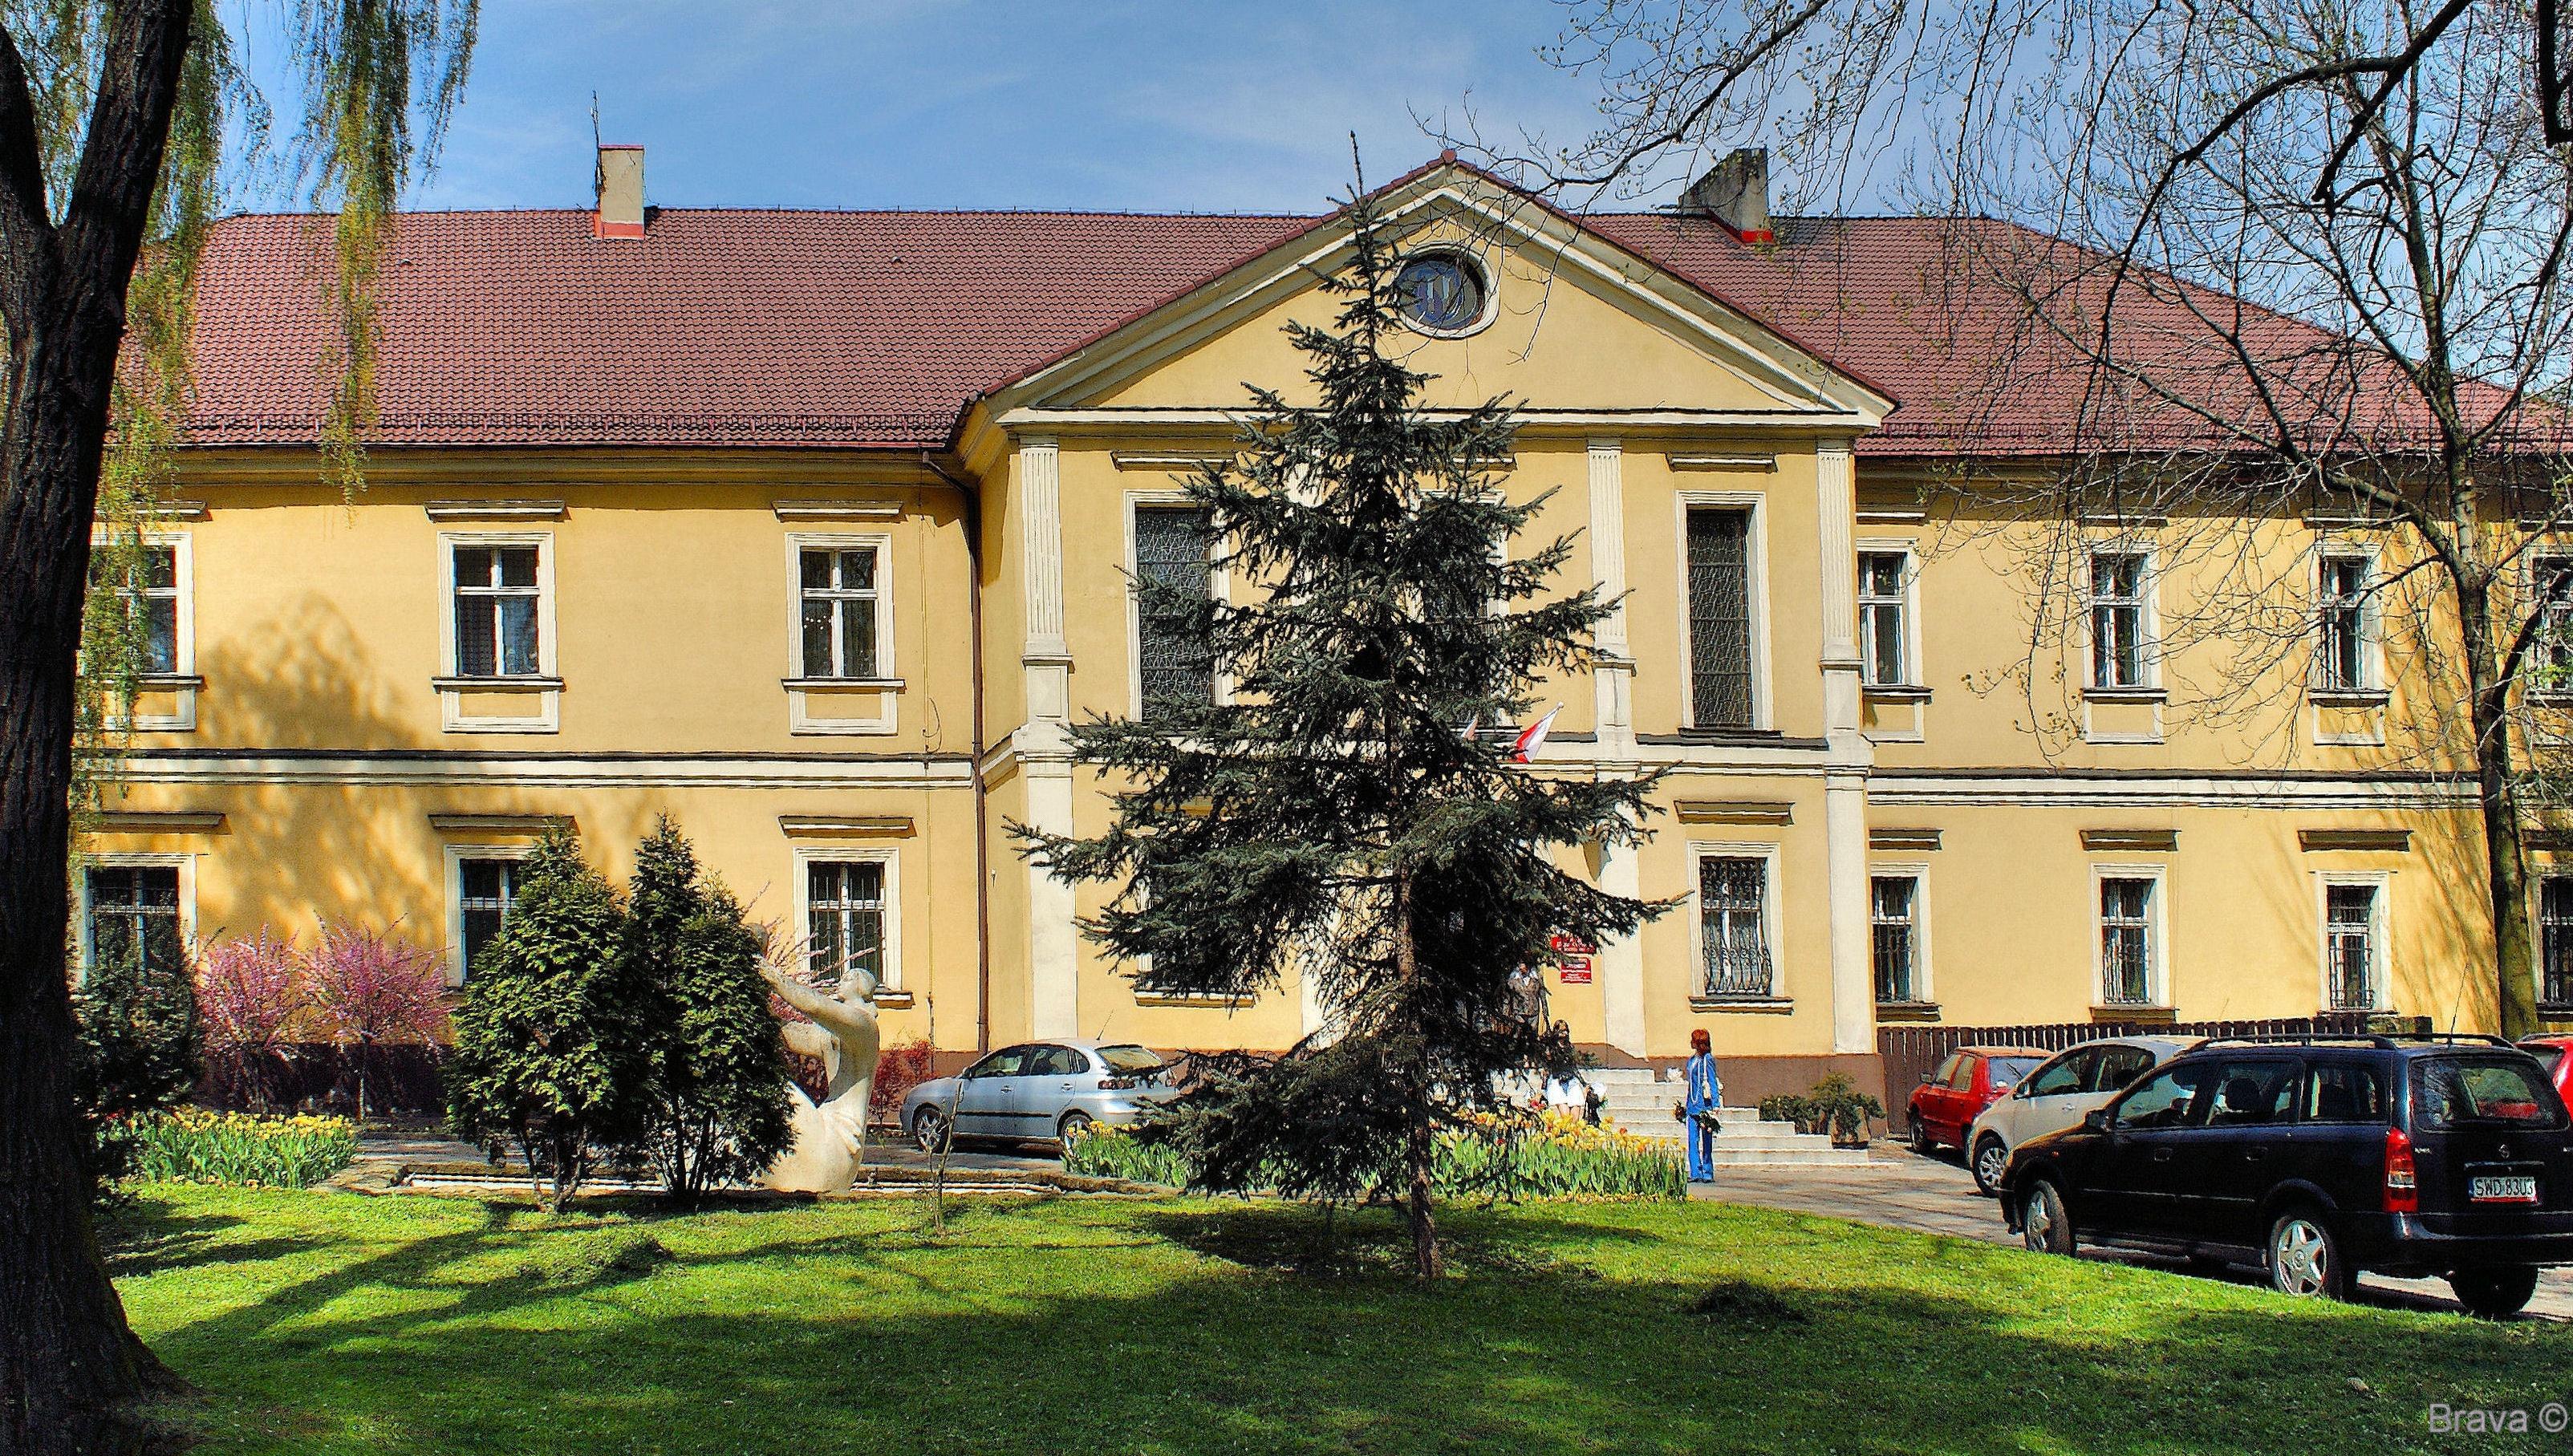 wodzisław śląski klasycystyczny pałac 1745 rzeźba